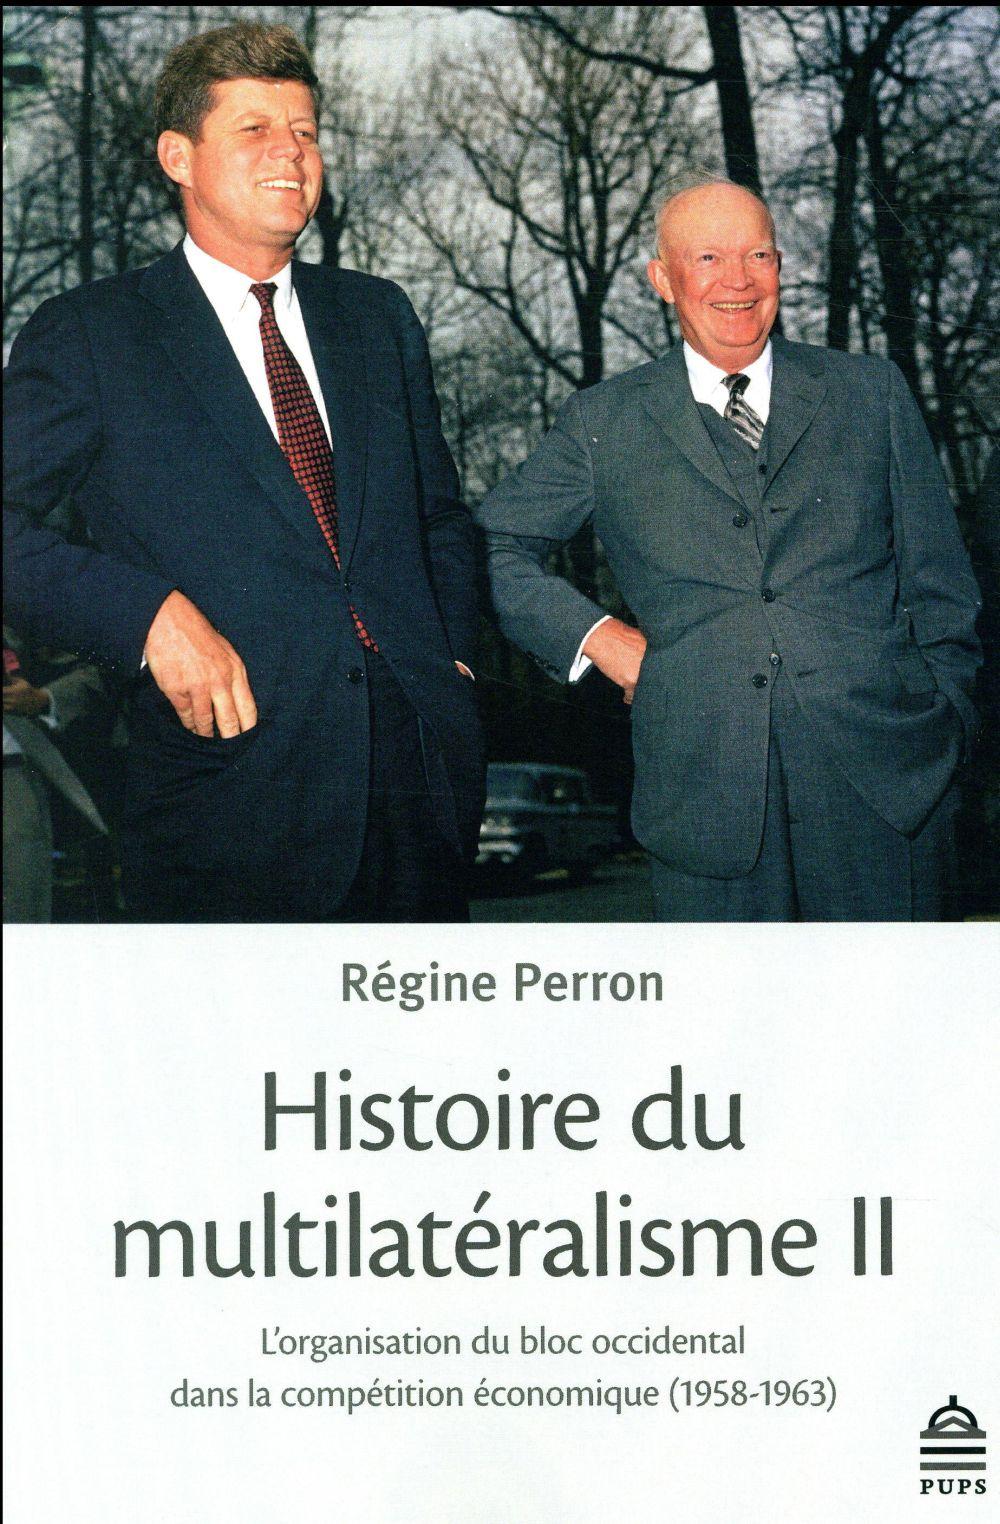 HISTOIRE DU MULTILATERALISME II - L'ORGANISATION DU BLOC OCCIDENTAL DANS LA COMPETITION ECONOMIQUE 1